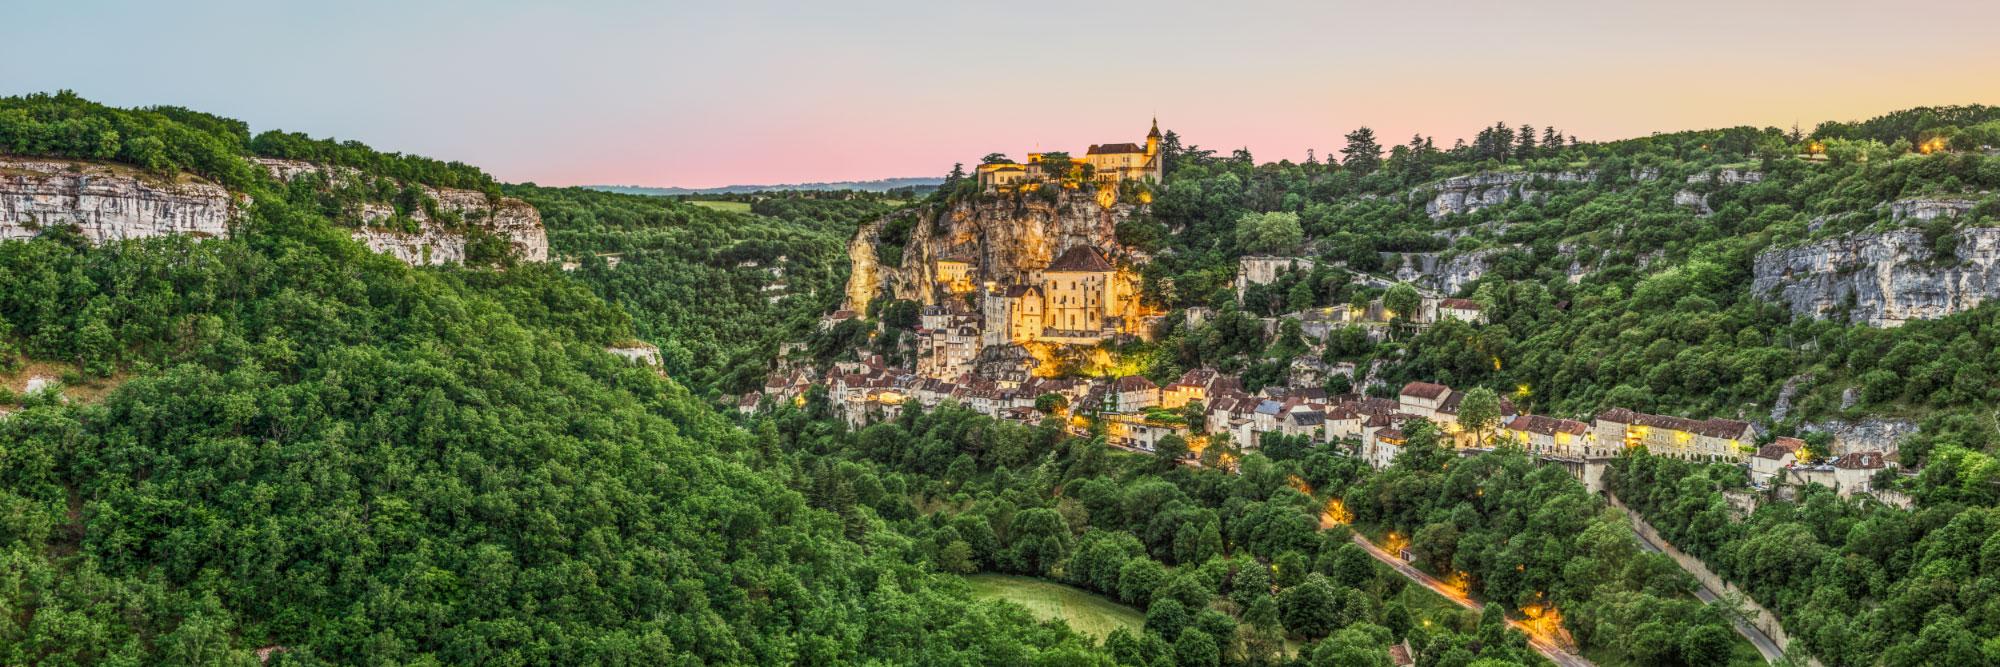 Cité médiévale de Rocamadour, Quercy